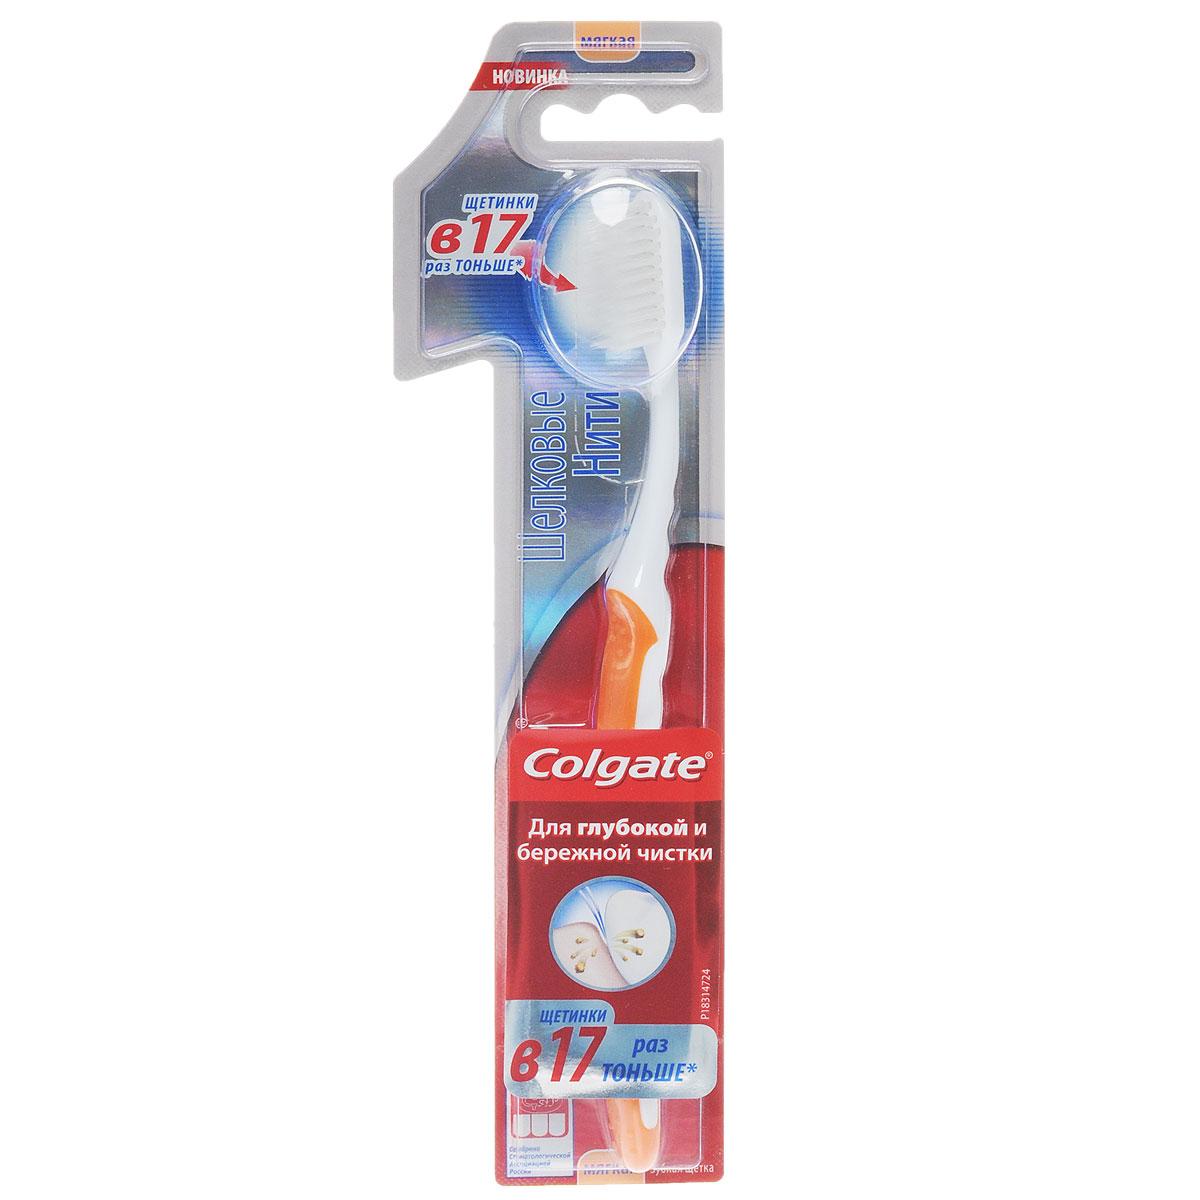 Colgate Зубная щетка Шелковые нити, с мягкой щетиной, цвет: оранжевыйFCN21701_оранжевыйColgate Шелковые нити - зубная щетка с мягкой щетиной. Специально разработанные щетинки зубной щетки в 17 раз тоньше и лучше удаляют зубной налет, остатки пищи из межзубных промежутков и вдоль линии десен. Эргономичная рифленая ручка не скользит в ладони, амортизирует давление руки на нежную поверхность десен. Товар сертифицирован. Длина щетки: 19,5 см. Размер рабочей поверхности: 3 см х 1,5 см. Материал: пластик.